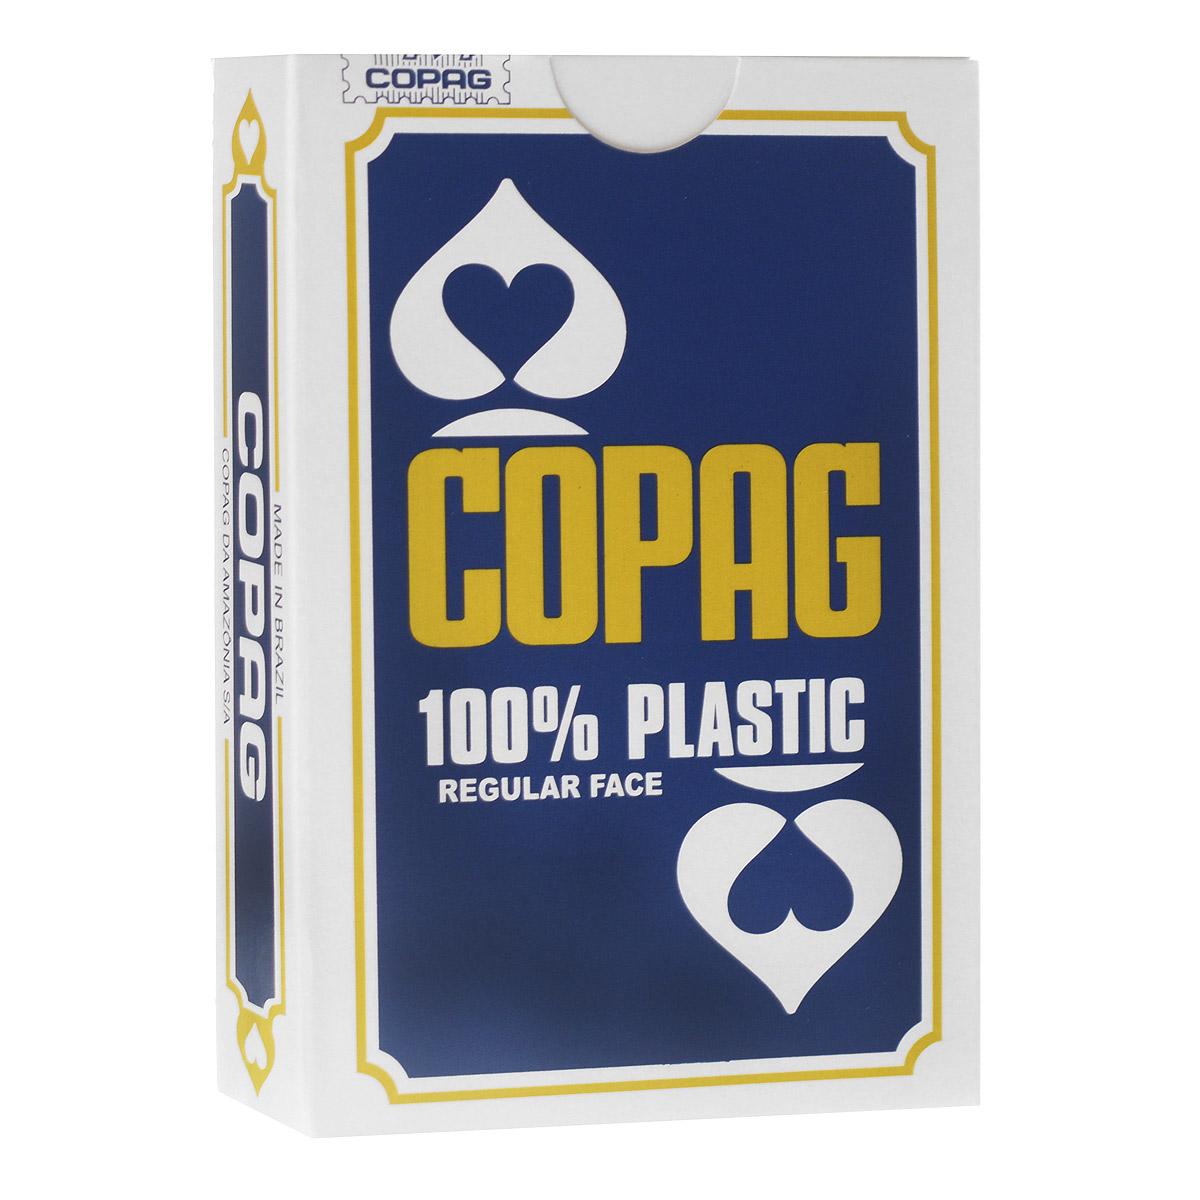 Карты игральные Copag Бридж, цвет: синий, 54 карты104005124Игральные карты Copag Бридж изготовлены из пластика, что сохранит карты от выцветания и изнашивания. По сравнению с классическими колодами, данная колода имеет специальную уменьшенную ширину (57 мм), что является стандартом для игры в бридж. Карты такого размера удобно держать в руках. Они имеют классический дизайн и стандартные индексы. Карты идеально подходят для фокусов, пасьянсов и карточных игр. Комплектация: 54 шт. Размер карты: 9 см х 5,7 см.